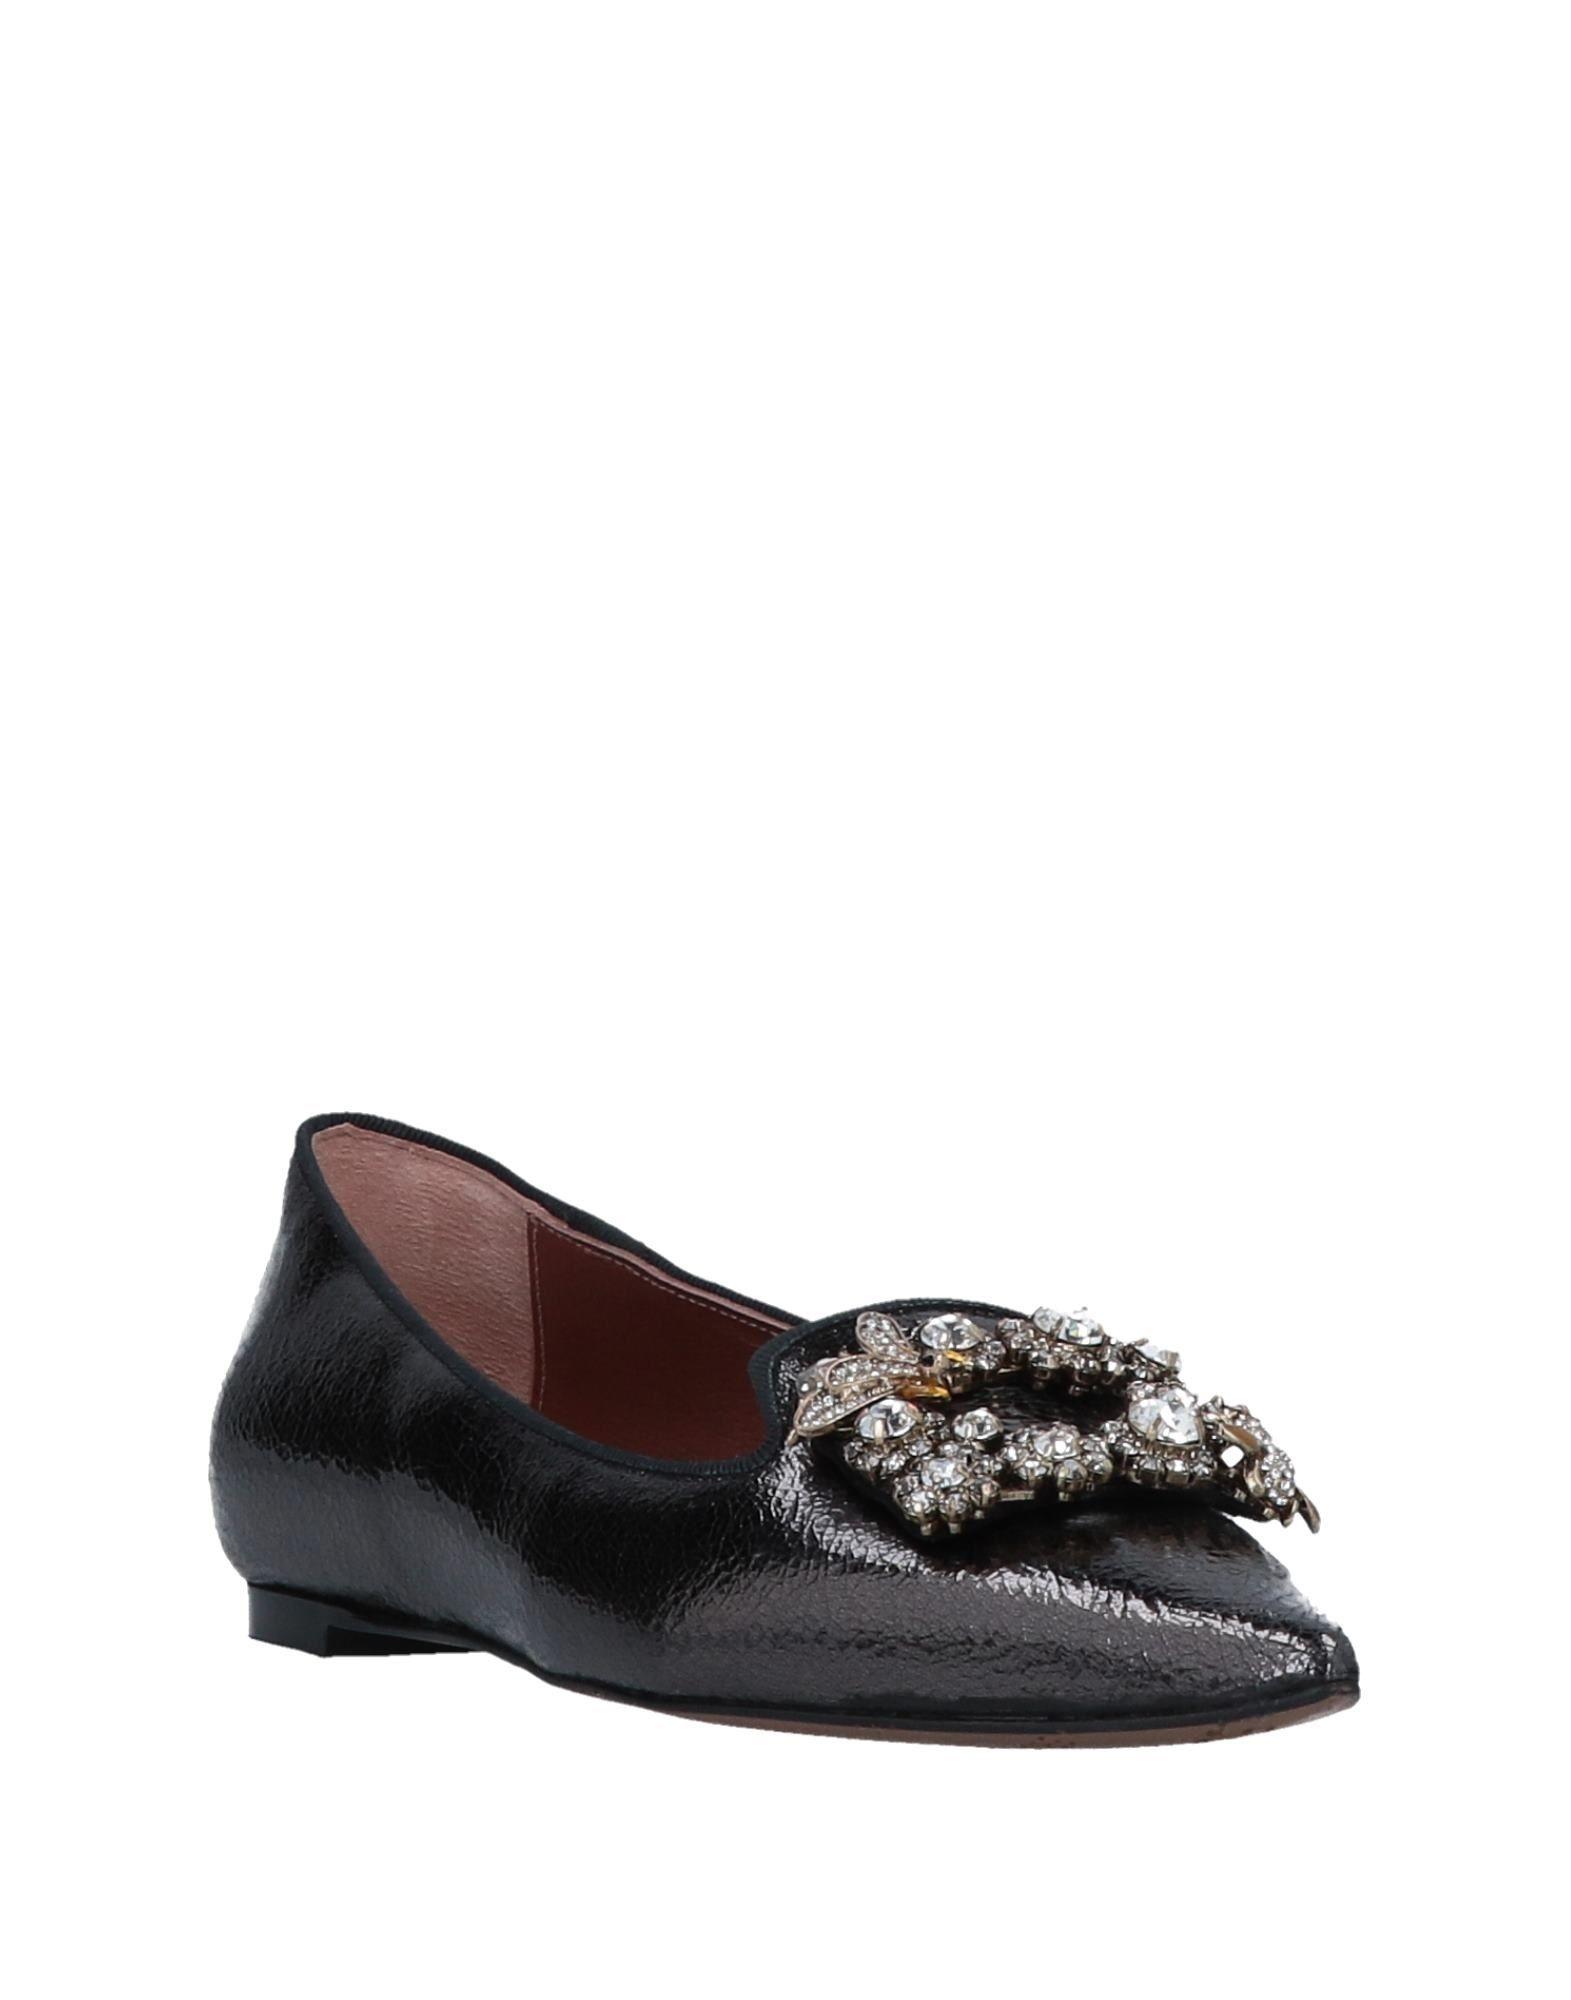 Stilvolle billige Mokassins Schuhe Ras Mokassins billige Damen  11511590DJ 6b30a9